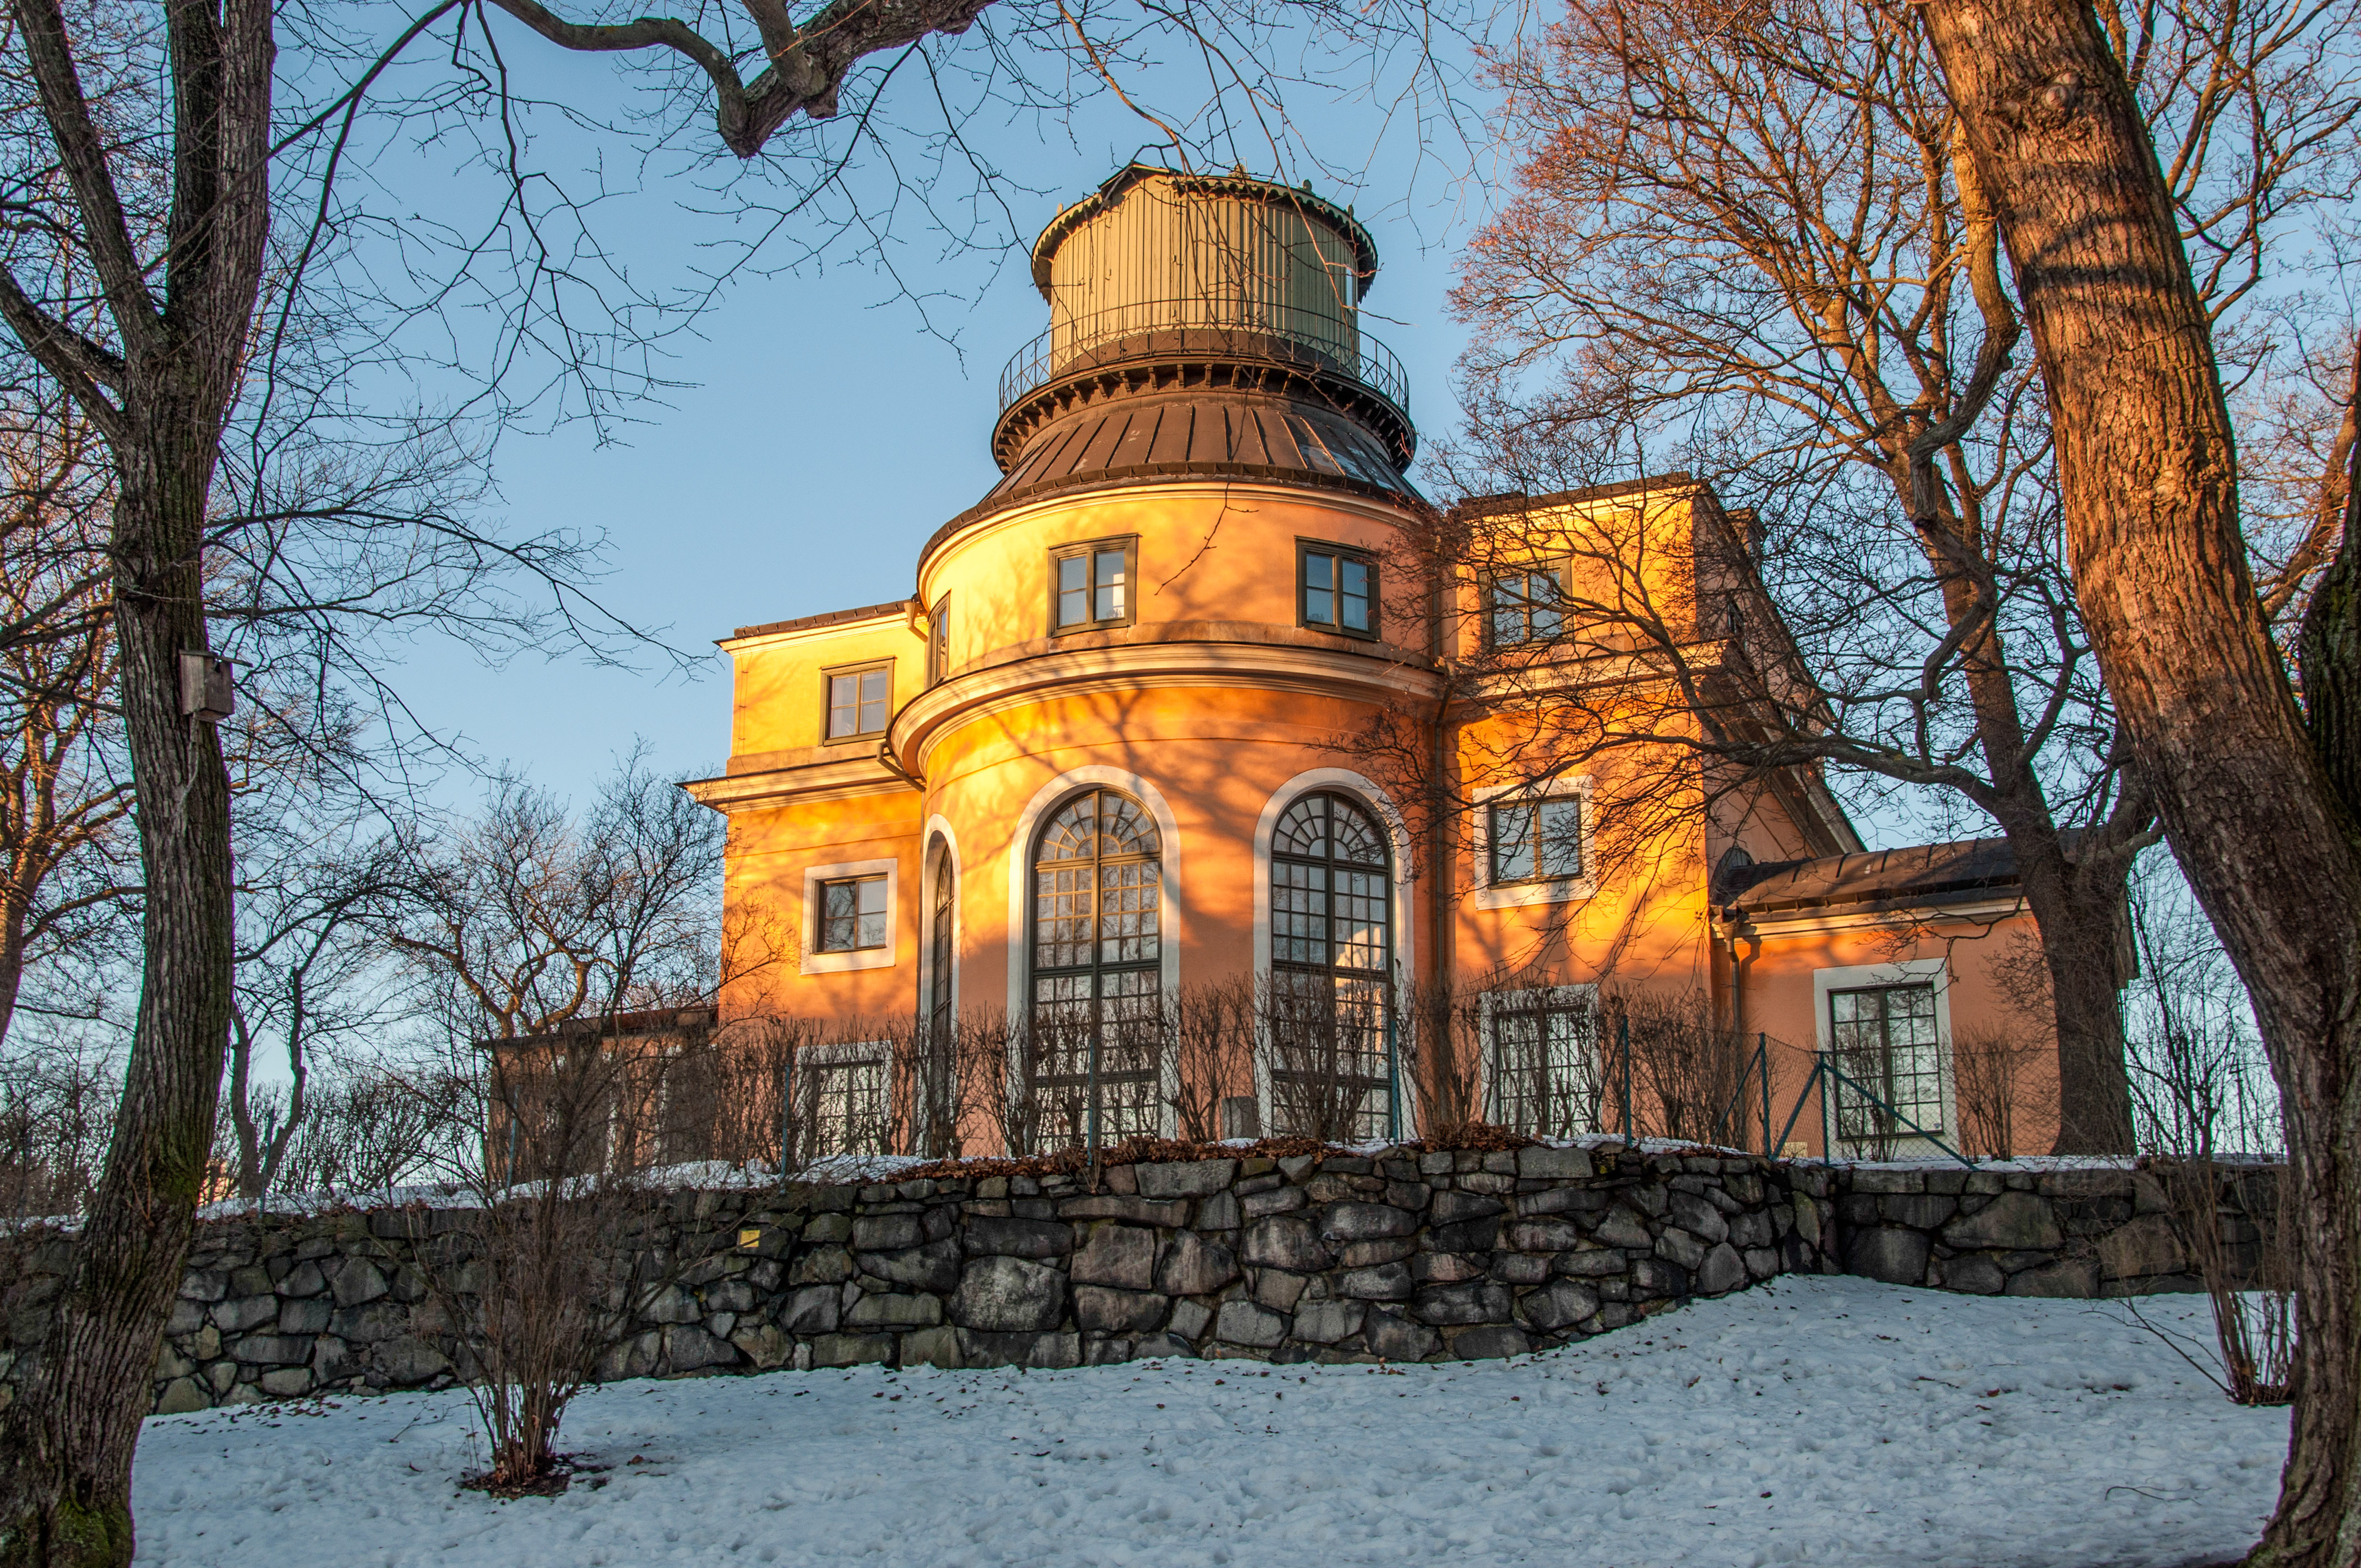 Observatoriet_2011.JPG